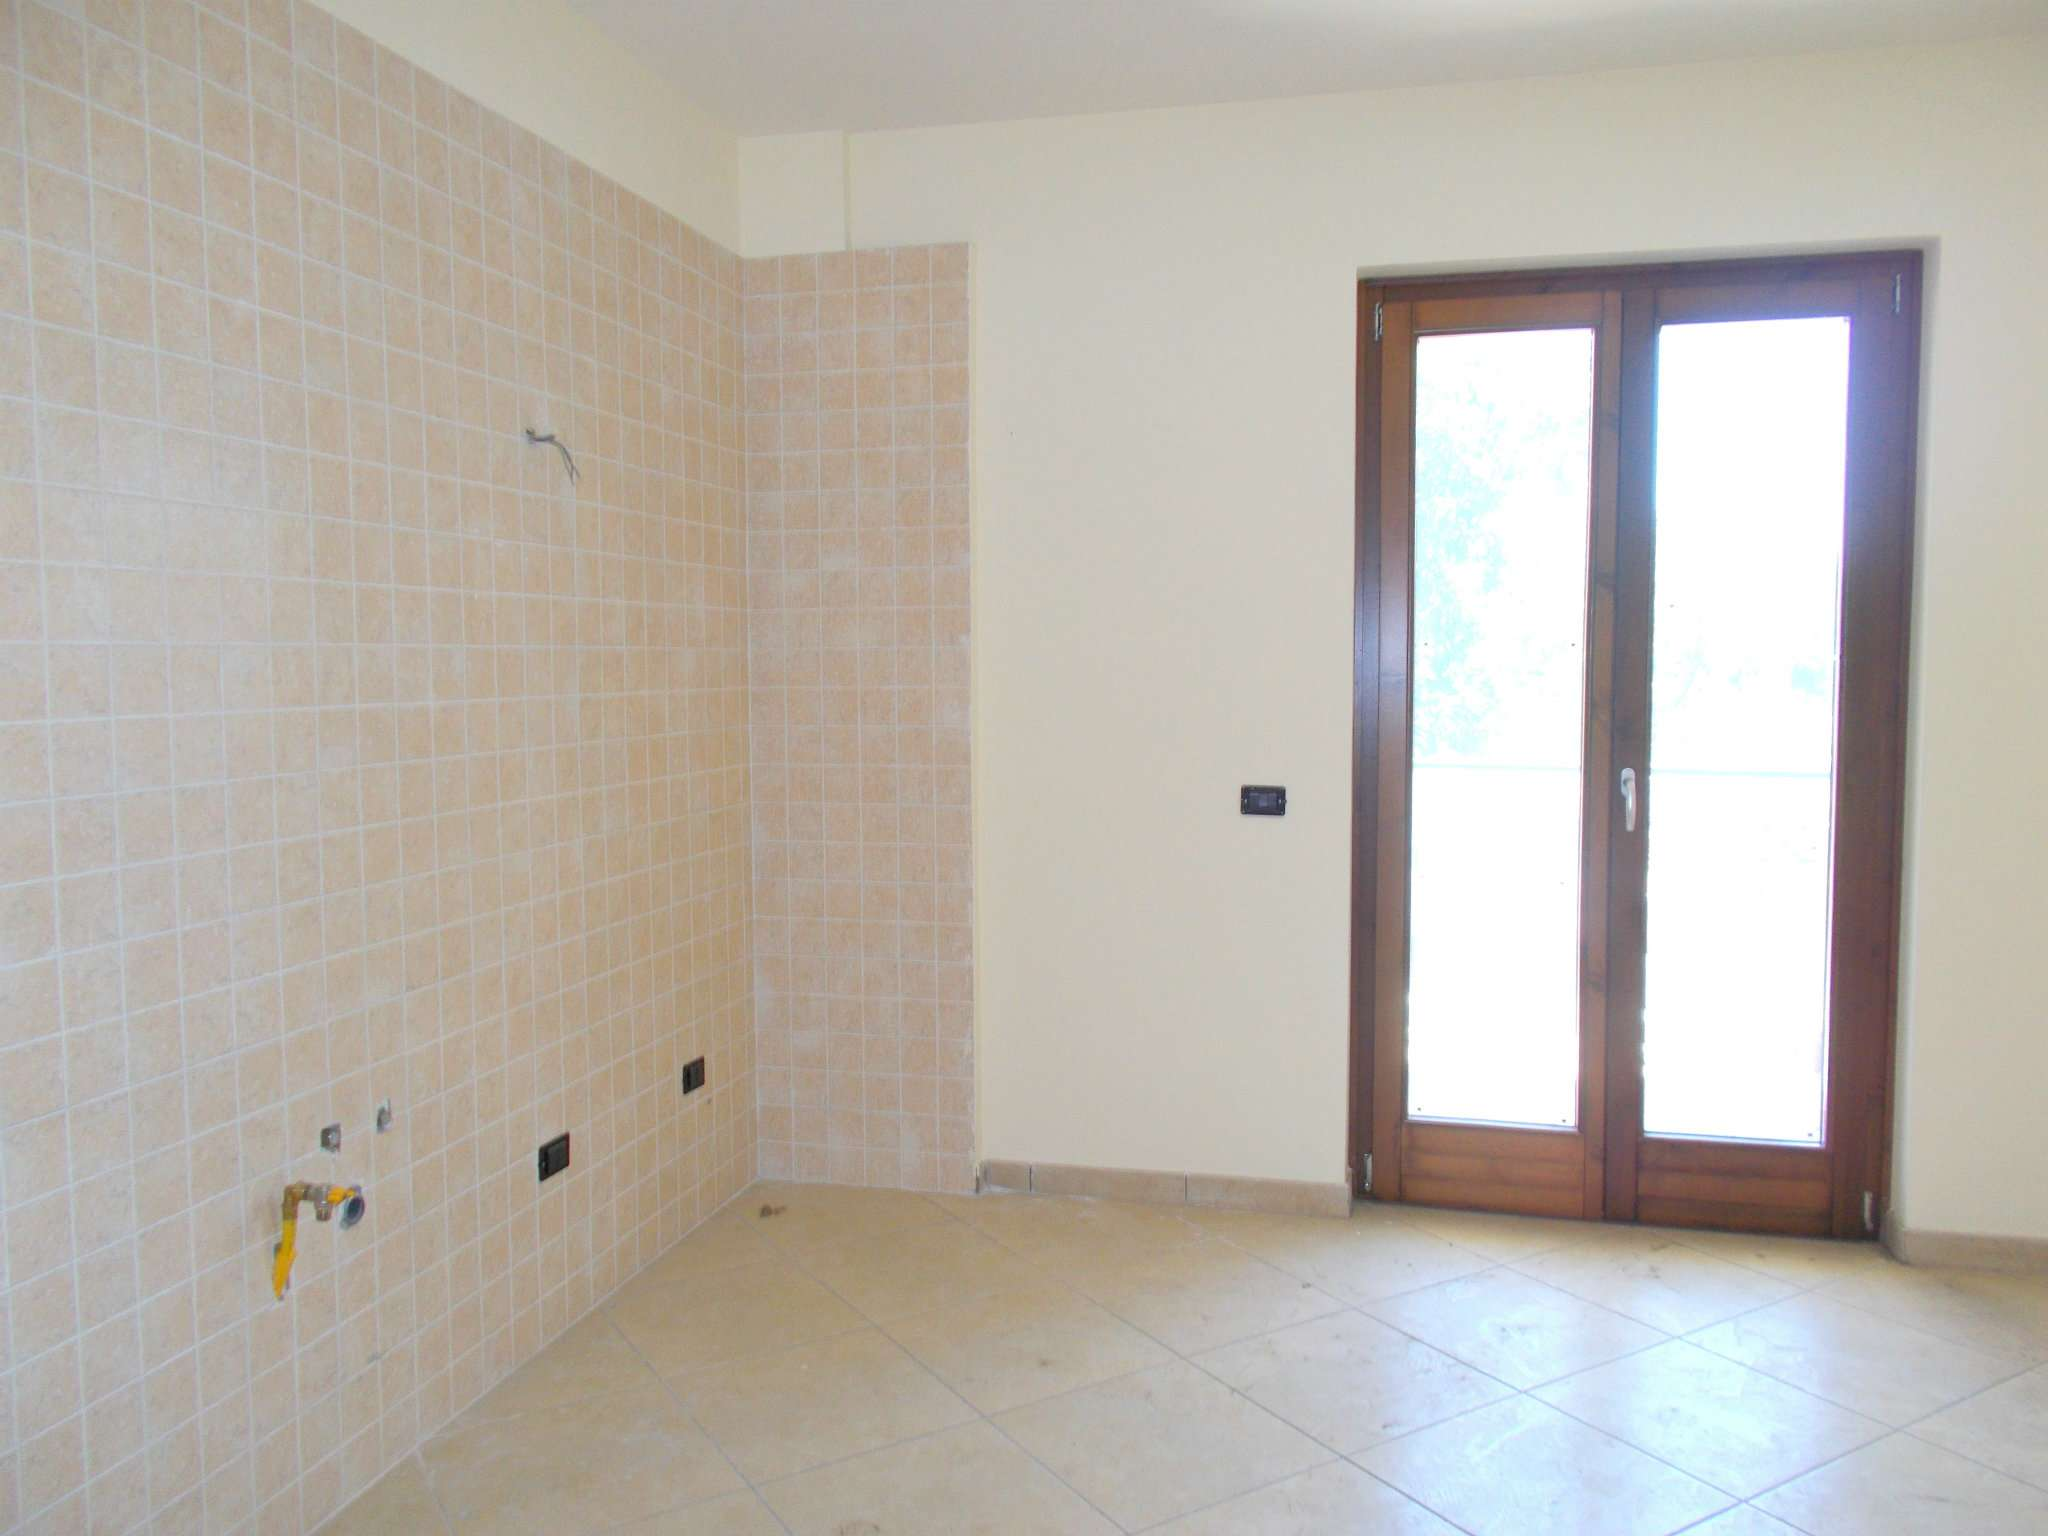 Appartamento in vendita a Arienzo, 4 locali, prezzo € 119.000 | CambioCasa.it